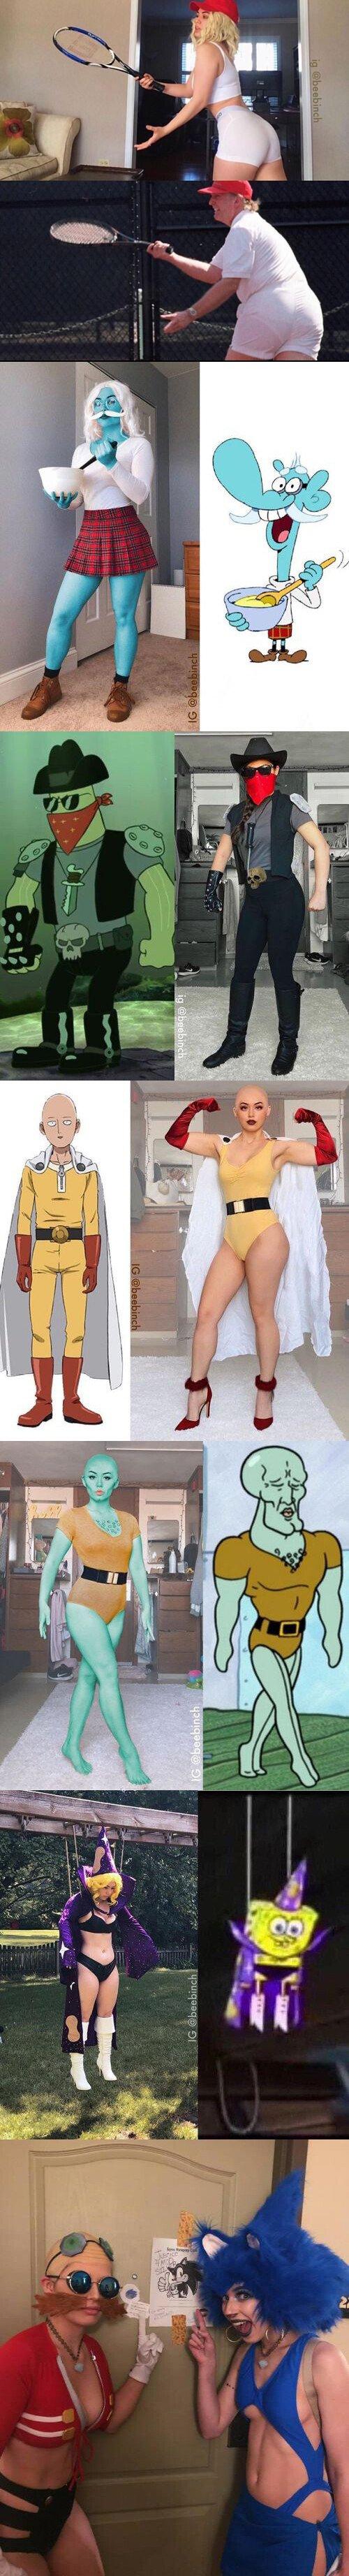 Meme_otros - Beebinch, la cosplayer definitiva